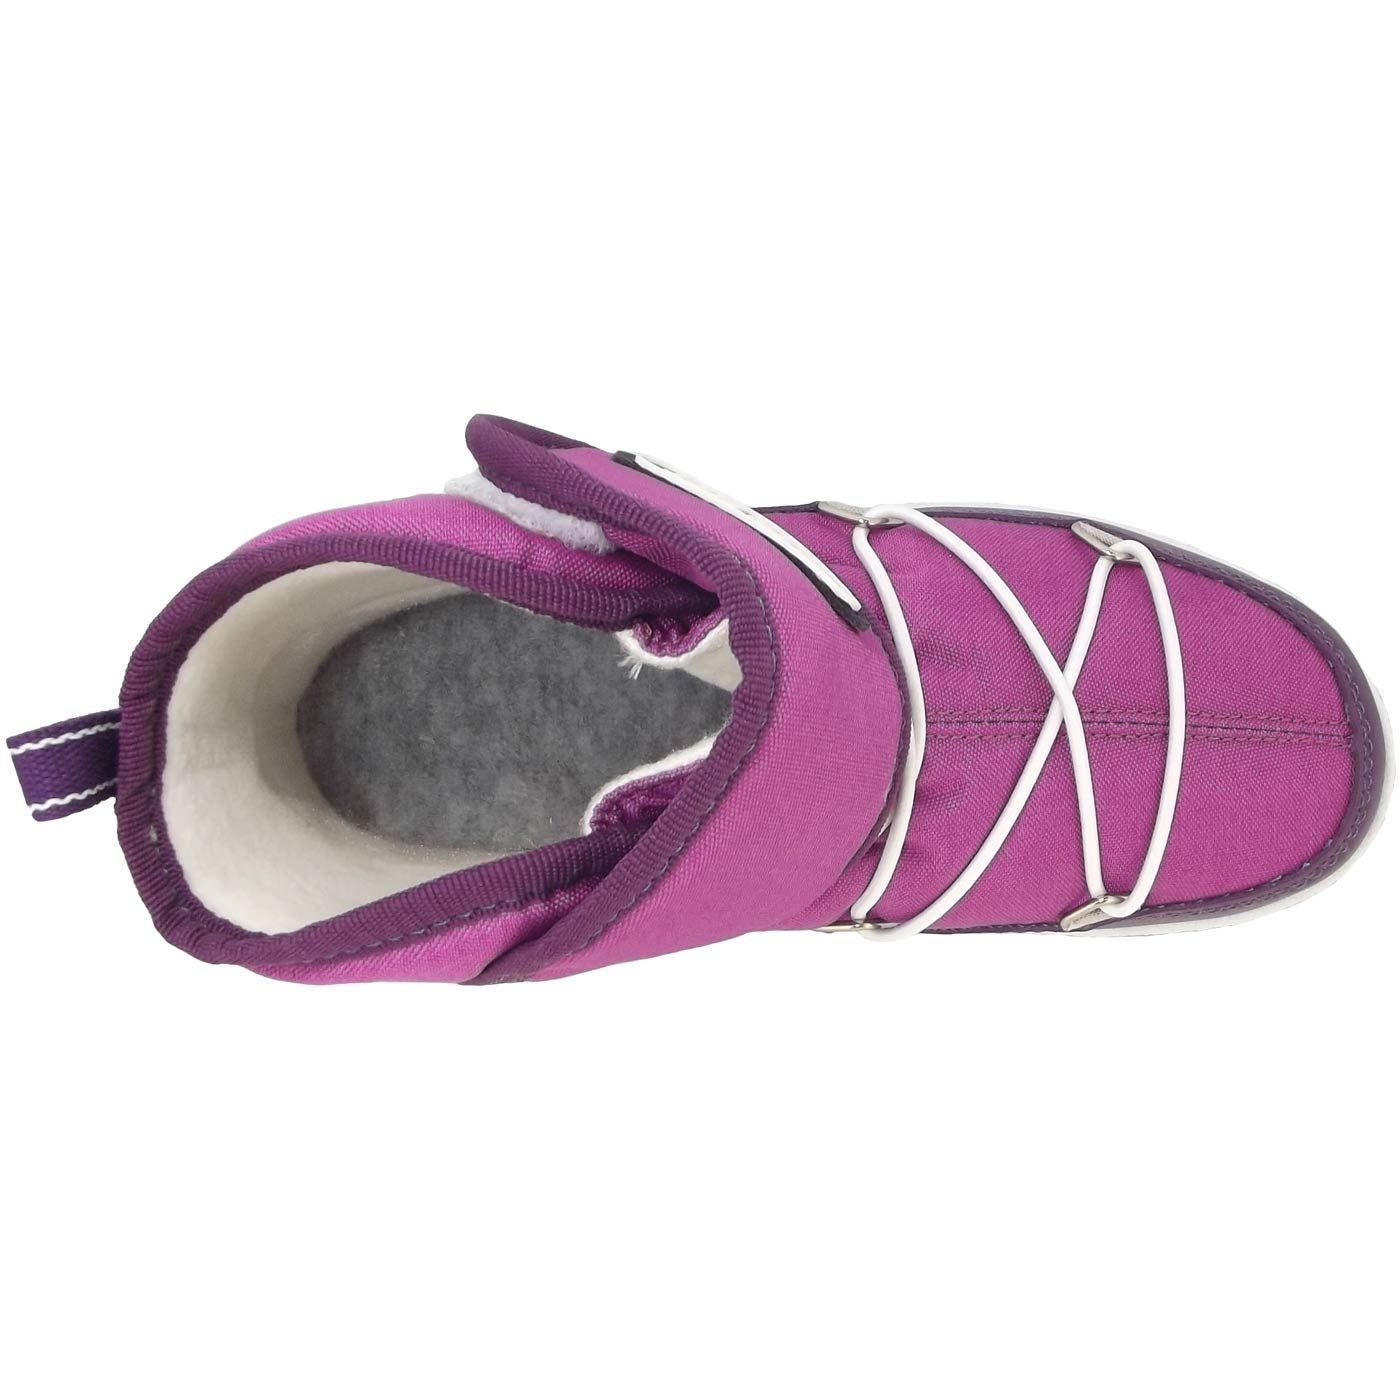 Moon Boot Scarpe Bambino Junior Strap Doposci